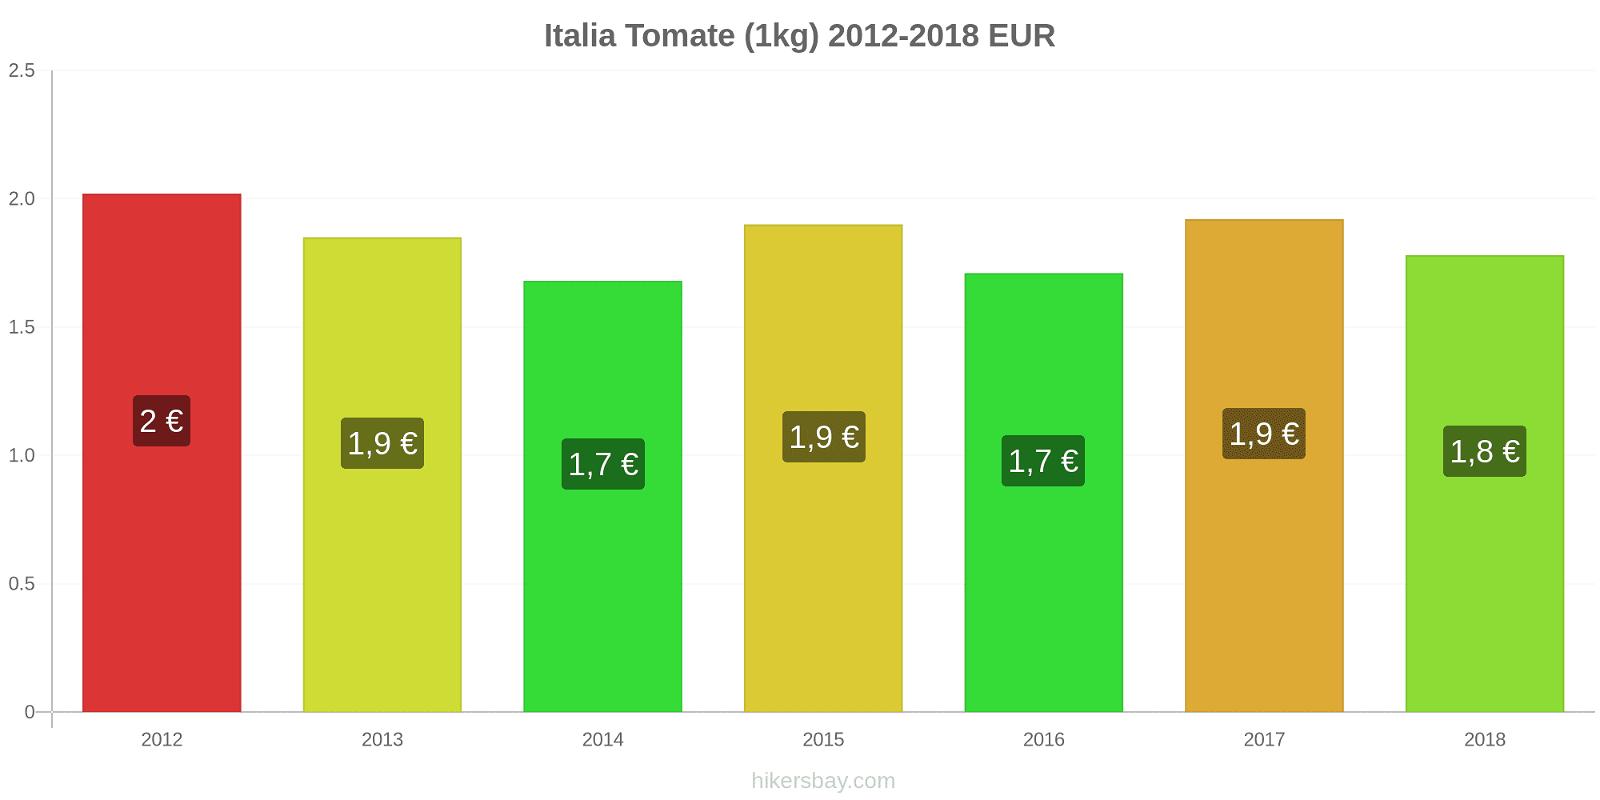 Italia cambios de precios Tomate (1kg) hikersbay.com